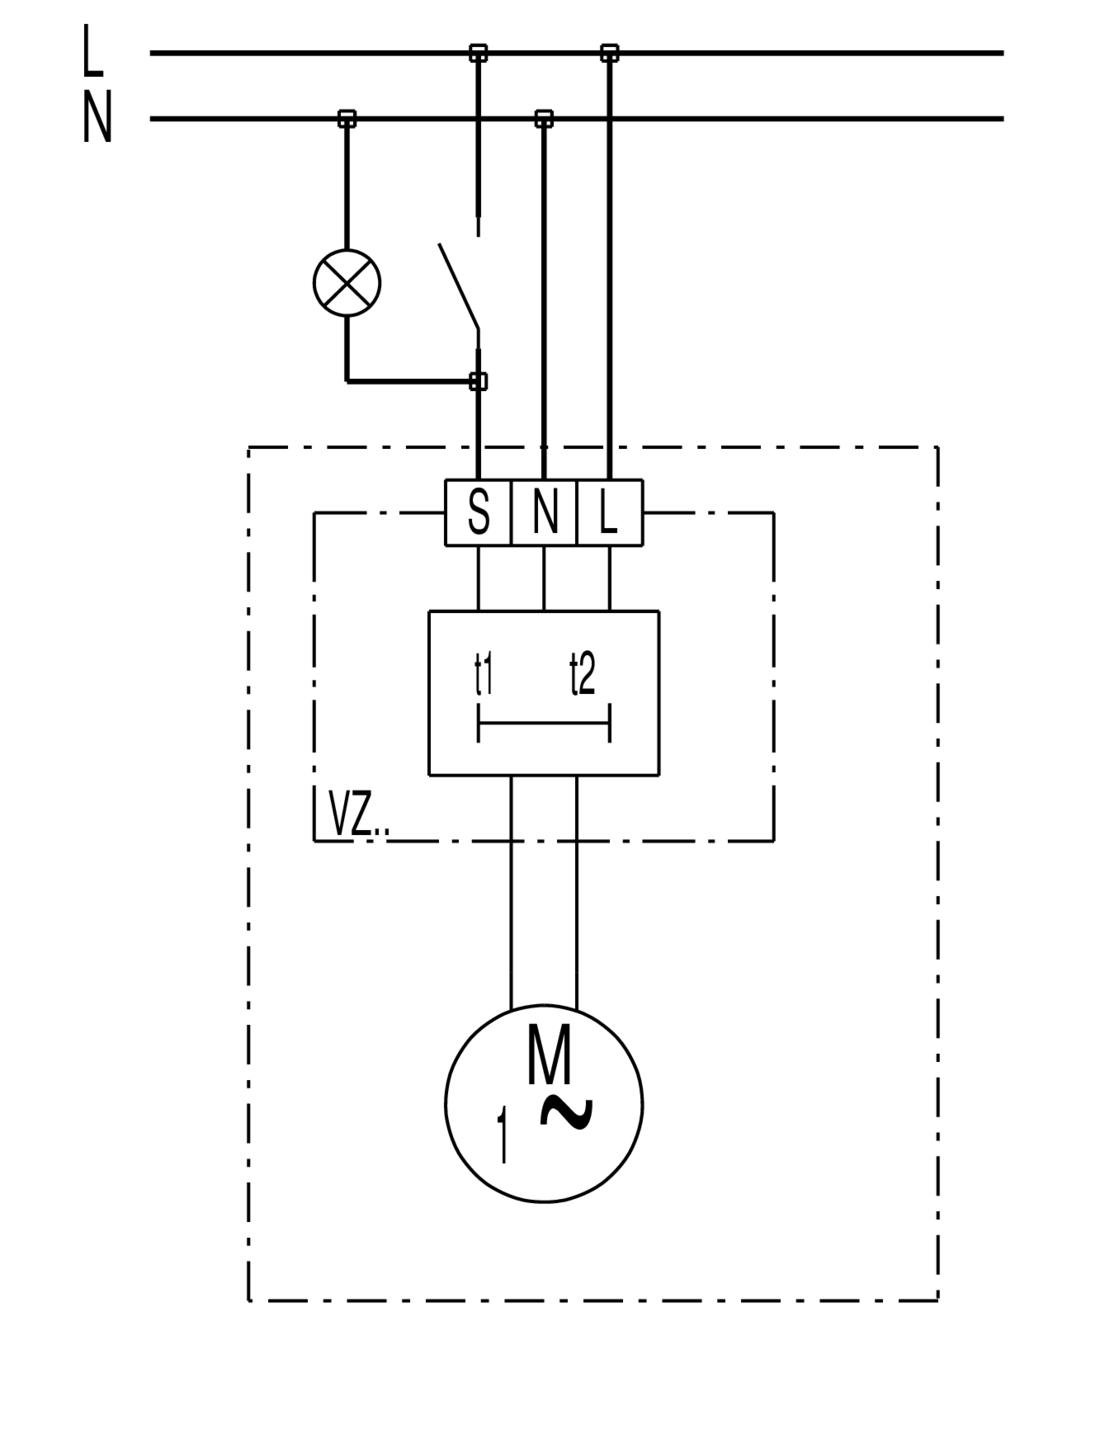 ... ECA 100 VZ Wiring diagram s